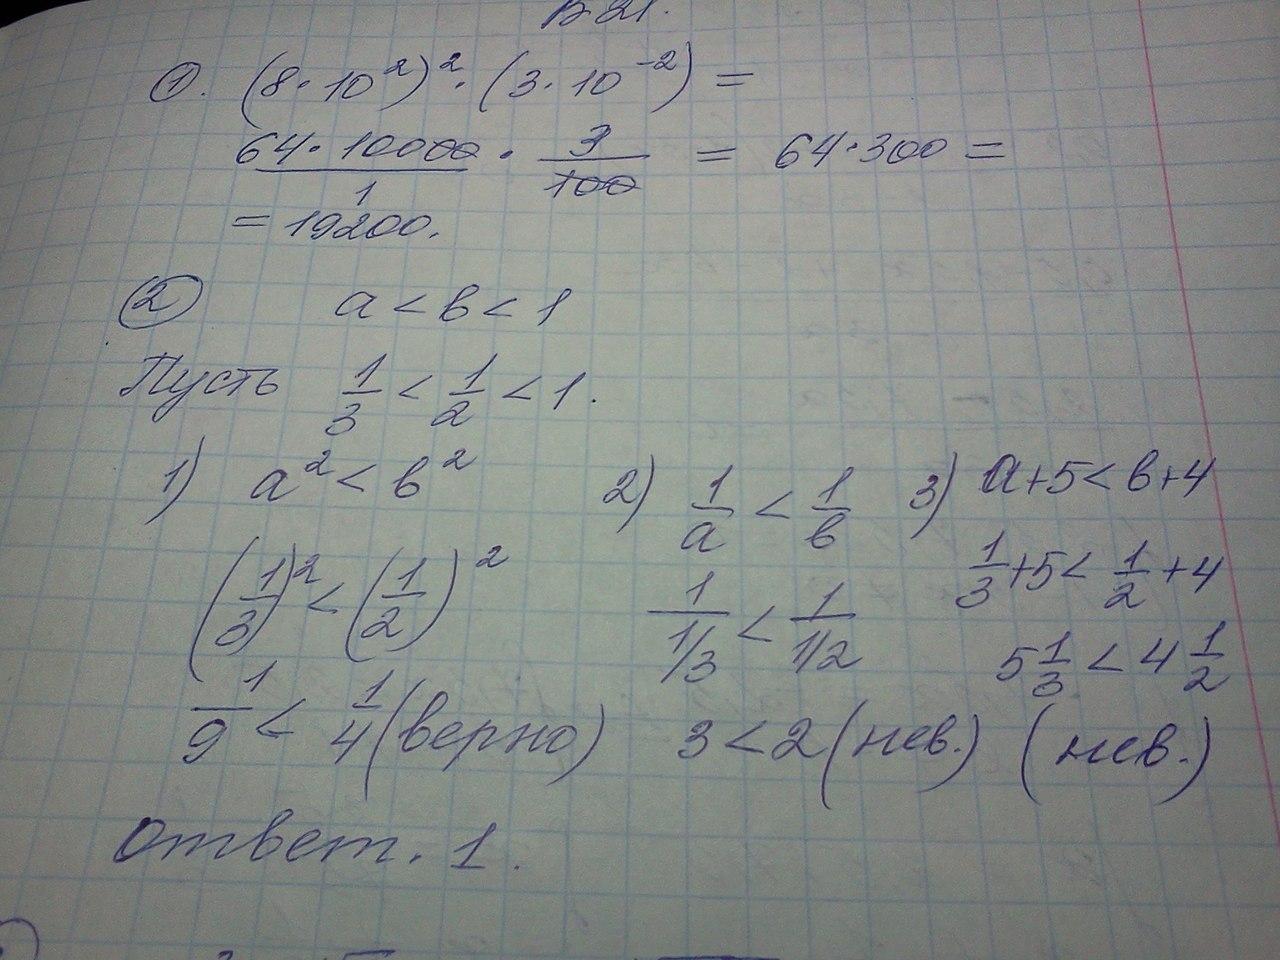 Огэ Тесты по Математике за 9 Класс Ященко Решебник